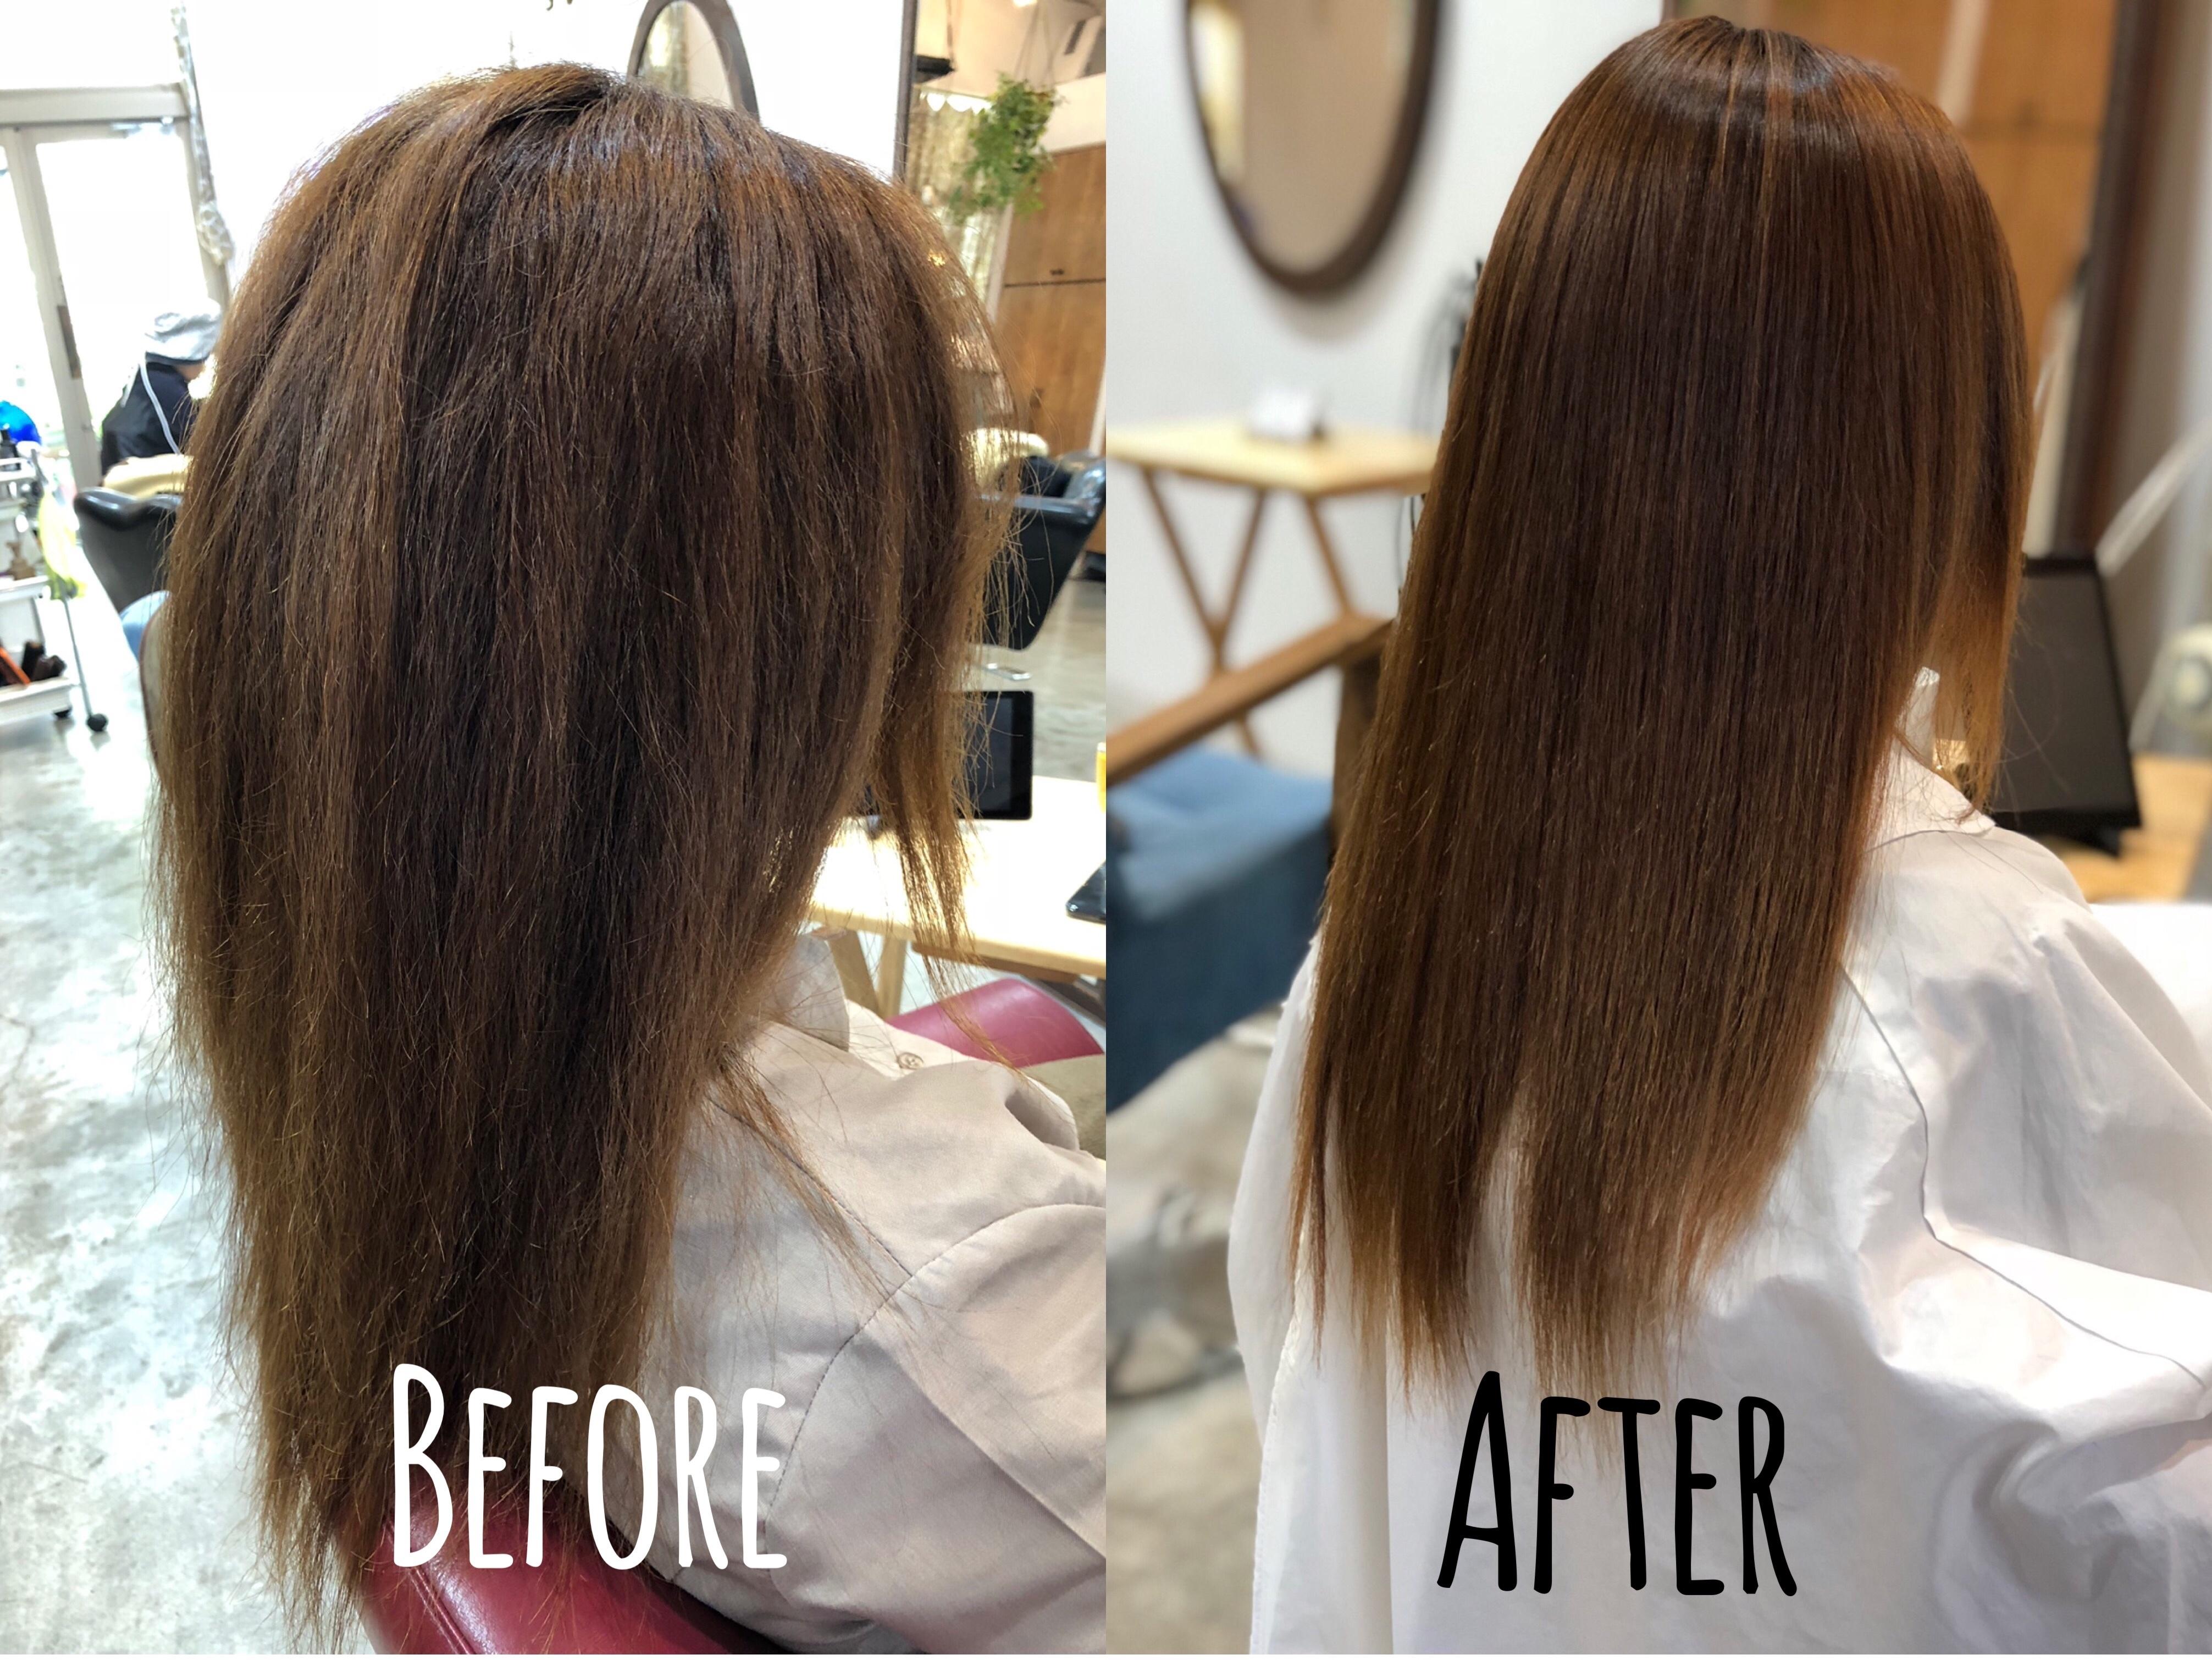 毛 チリチリ 縮 矯正 髪の表面や顔周りの毛がチリチリの原因と唯一の解決方法!!